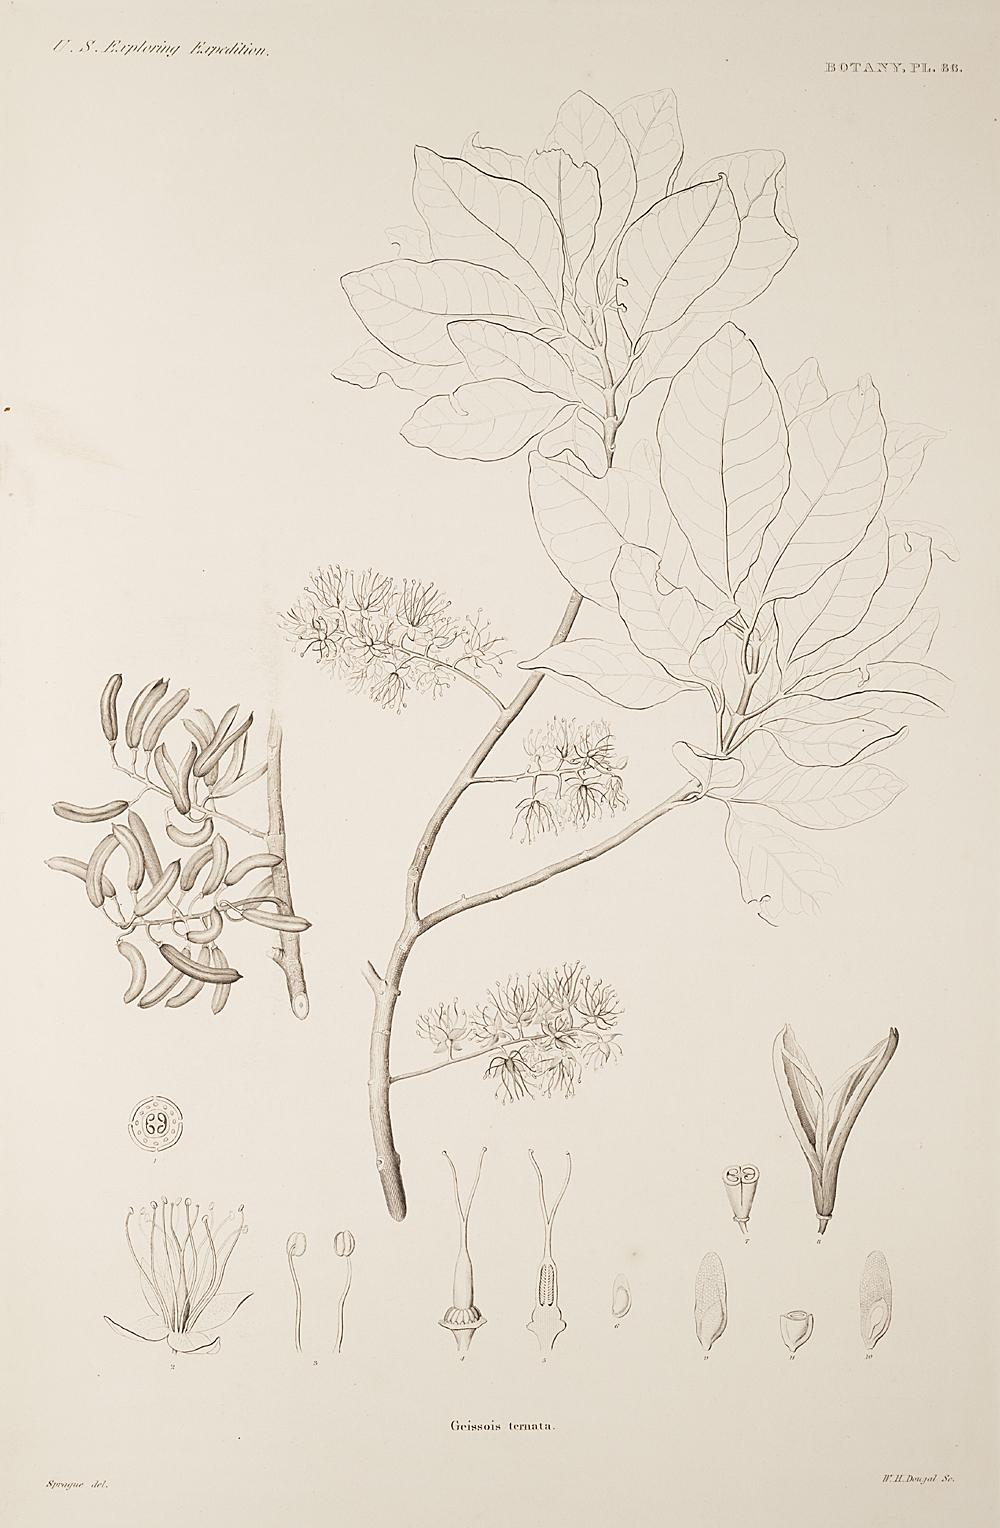 Botany, Pl. 86,  Image number:sil19-23-183b